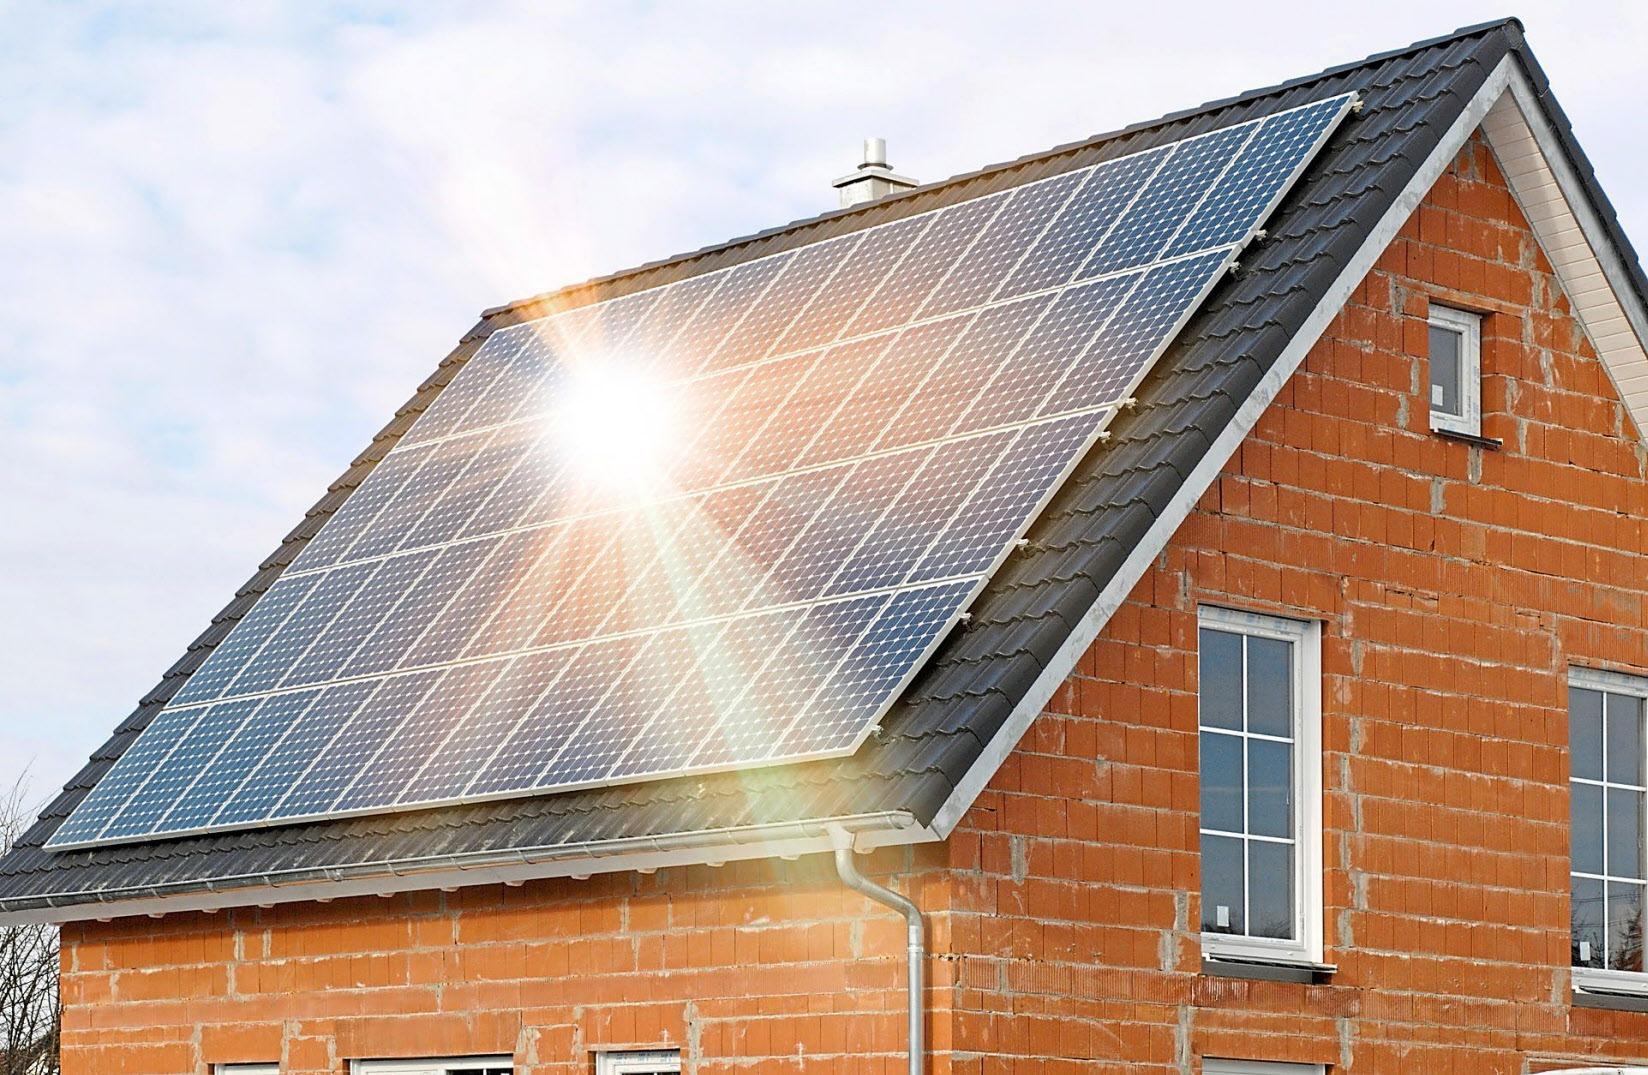 Die Sonne schickt keine Rechnung:Wer sein Dach zur Solarenergiegewinnung nutzt und den Stromselbst verbraucht, macht sich unabhängiger von Stromlieferanten. Foto: Getty Images